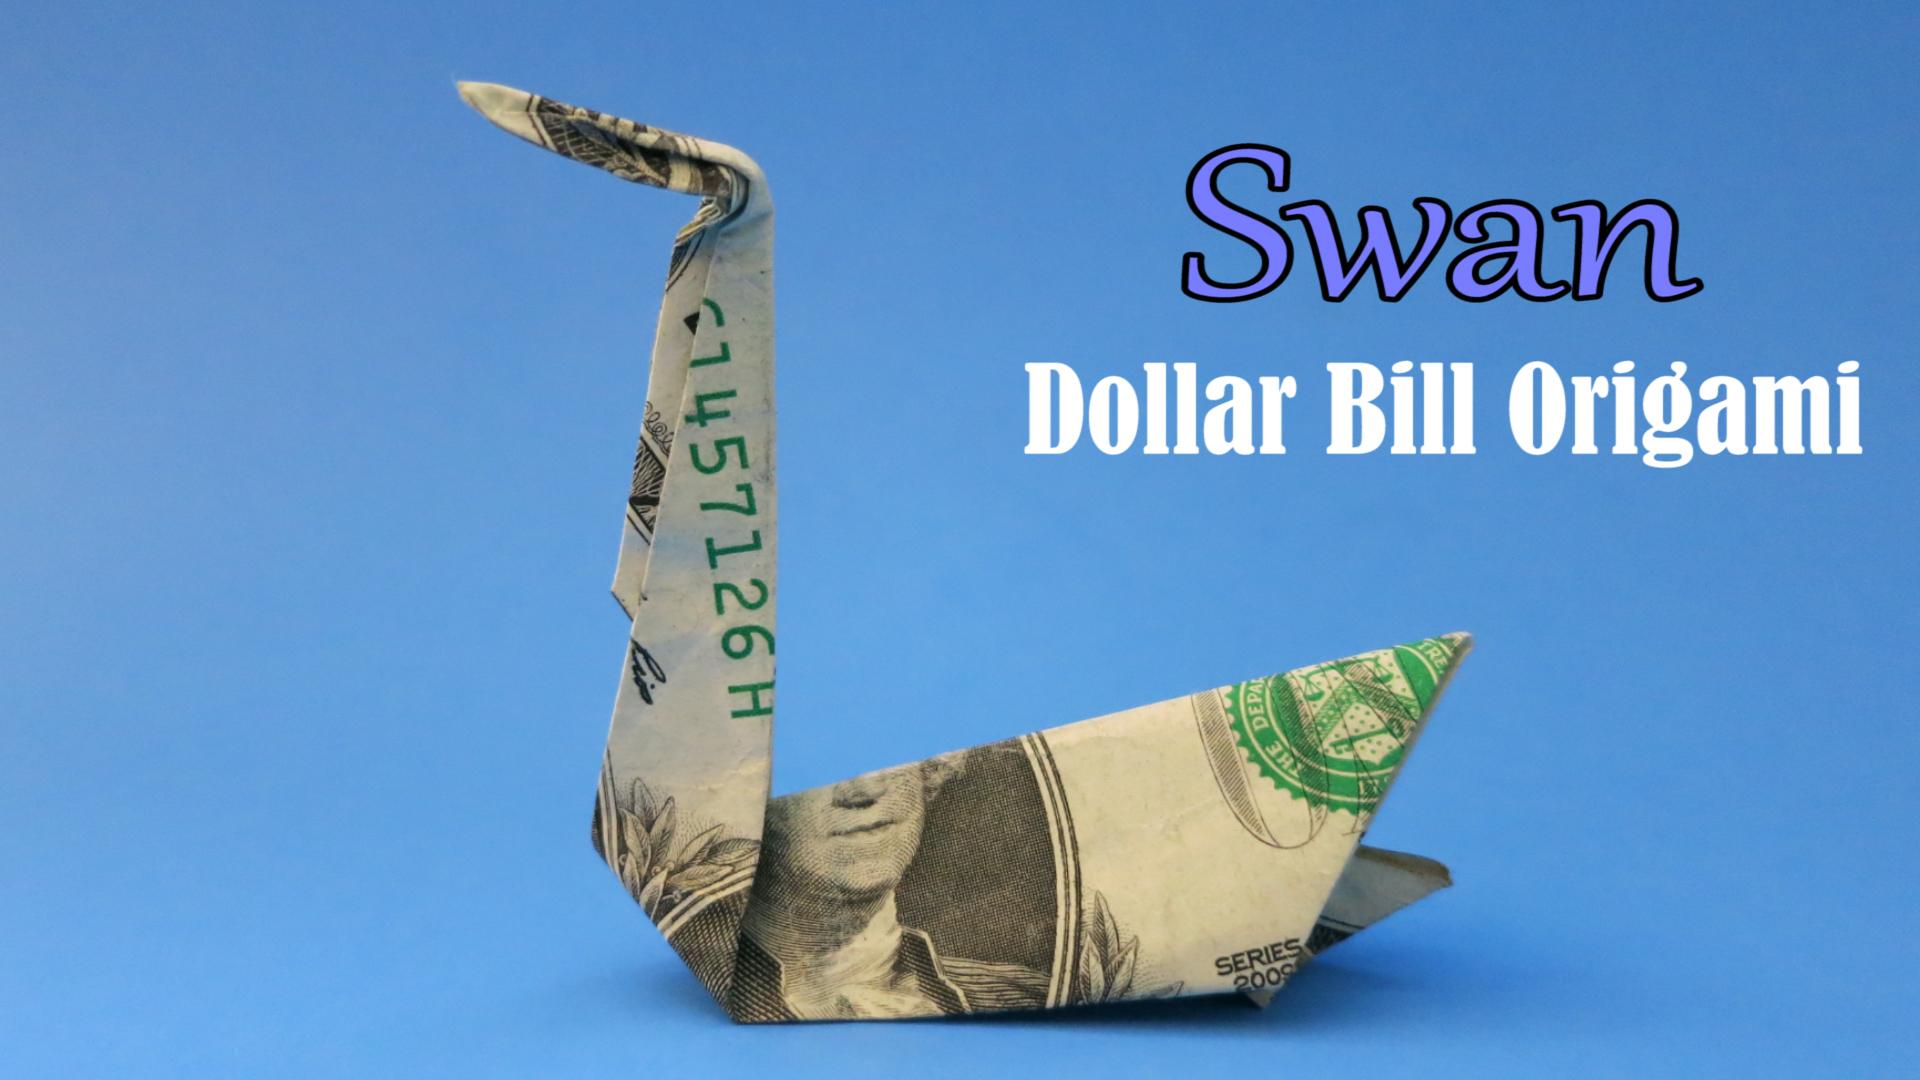 Swan Dollar Bill Origami Money Art.jpg